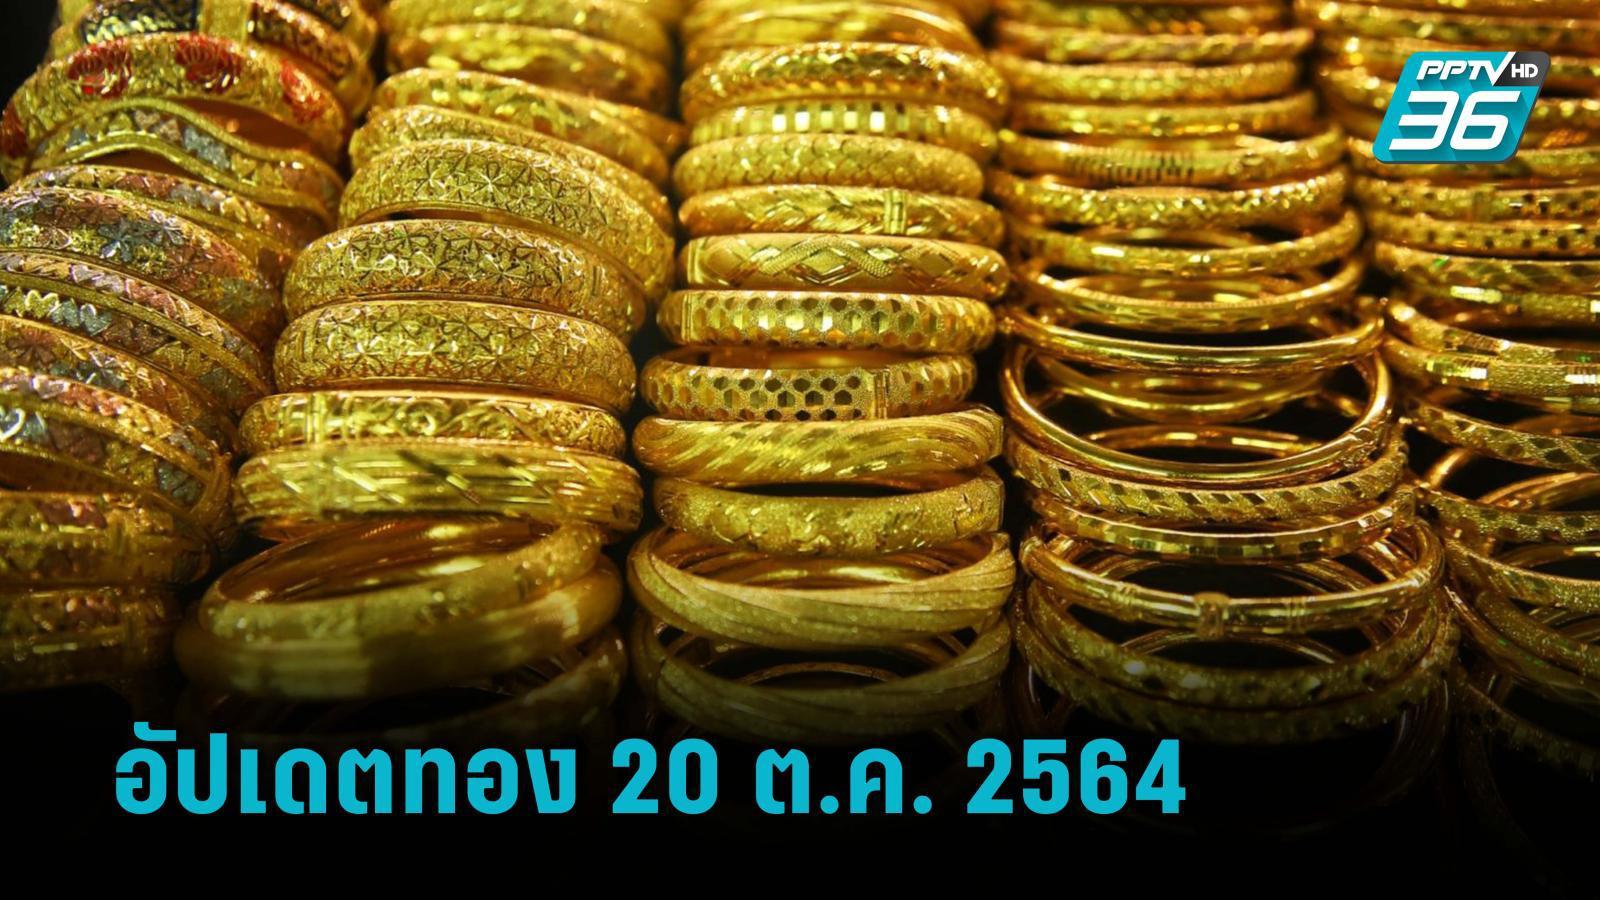 ราคาทองวันนี้ – 20 ต.ค. 64 เปิดตลาด ไม่ปรับราคา รูปพรรณบาทละ 28,550